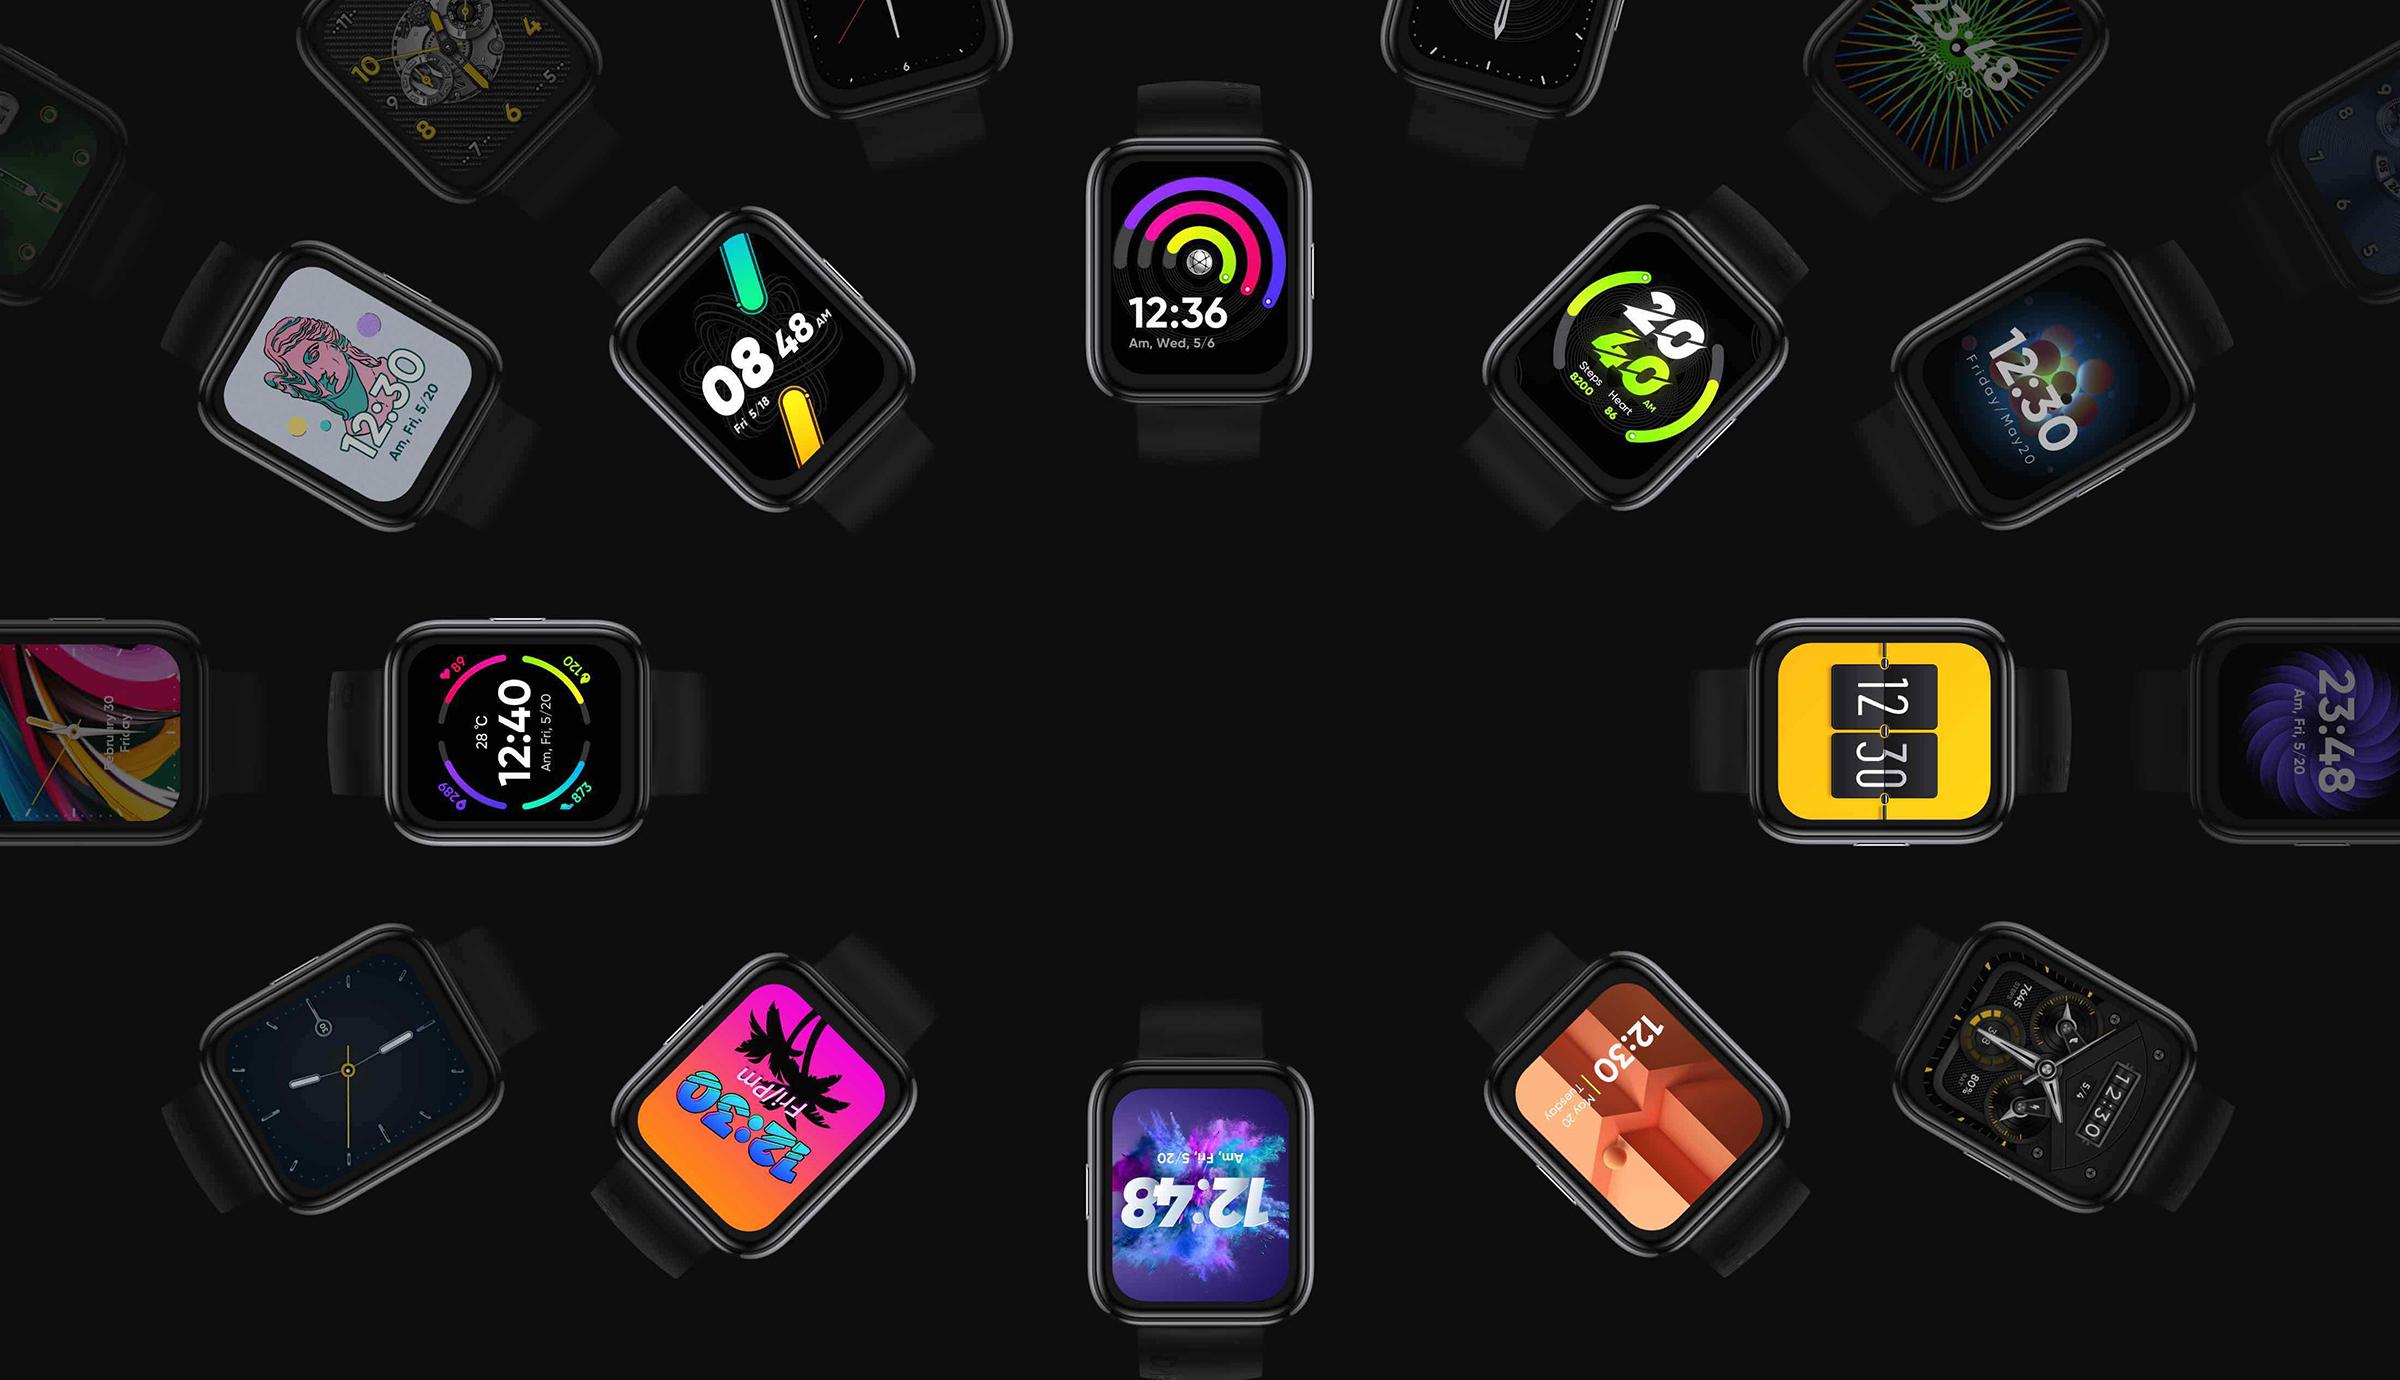 El catálogo de realme crece en España: llegan los relojes realme Watch 2 y Watch 2 Pro, y el robot aspirador TechLife